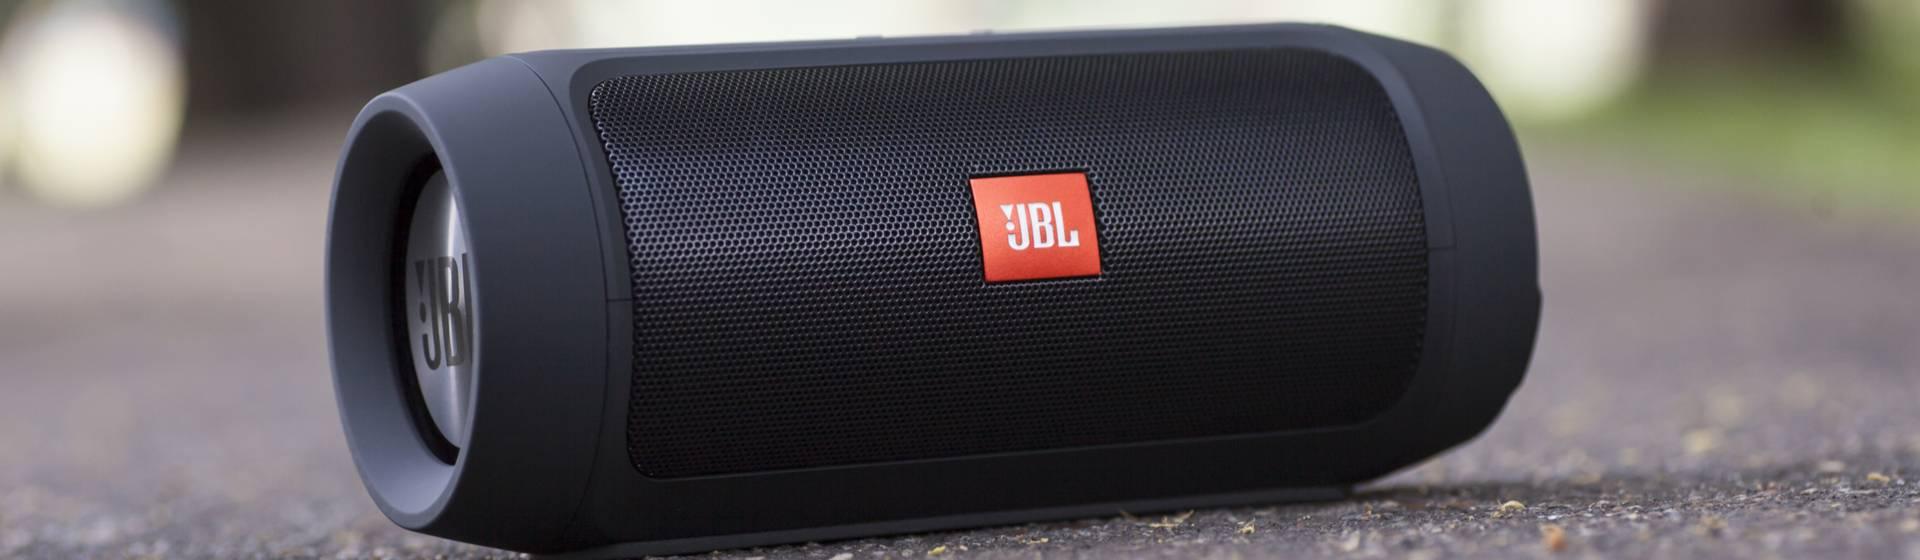 JBL Charge 4 é boa? Saiba mais a caixa de som Bluetooth